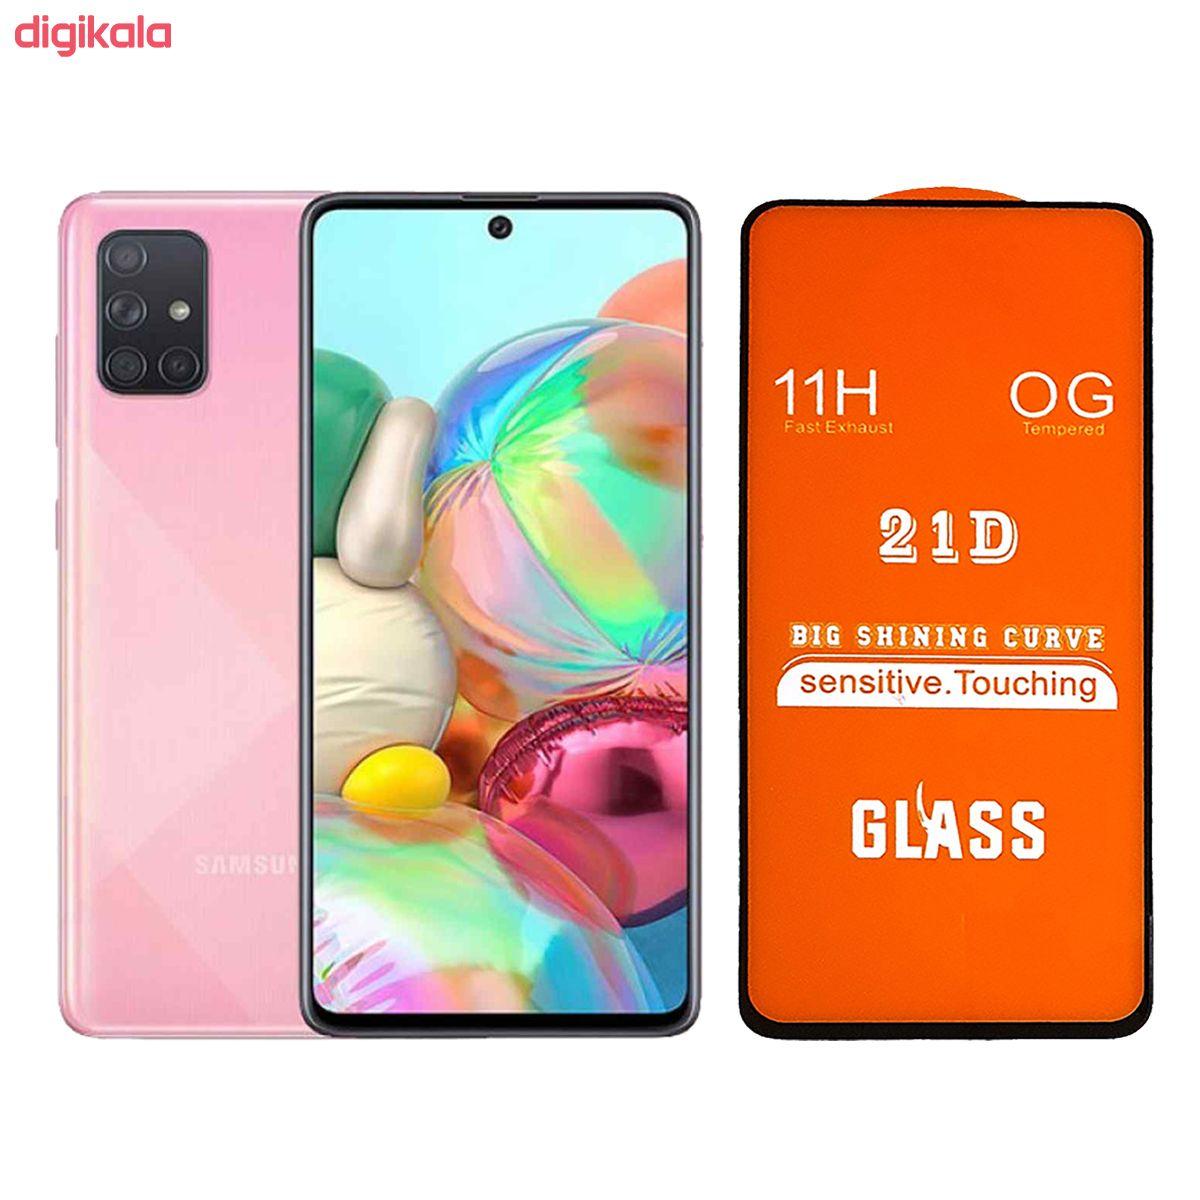 محافظ صفحه نمایش مدل OR مناسب برای گوشی موبایل سامسونگ Galaxy A51 main 1 4